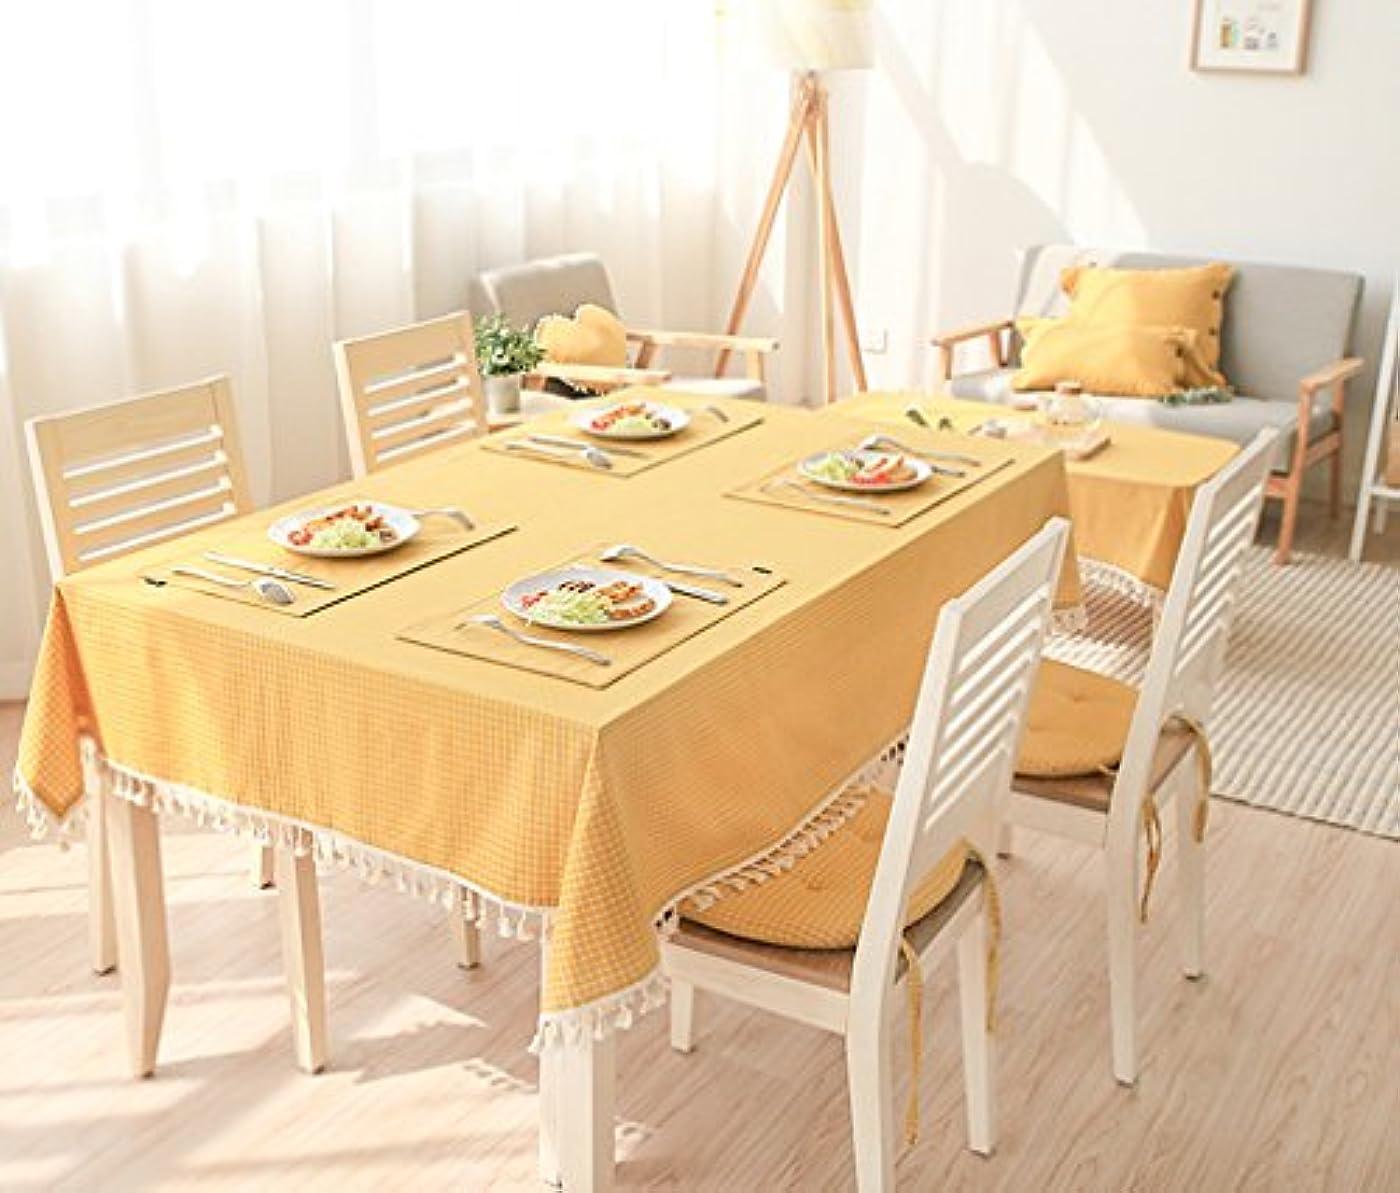 おばあさん顧問ウガンダIVEGLA テーブルクロス テーブルカバー 食卓カバー デスクマット 田園風 イエロー